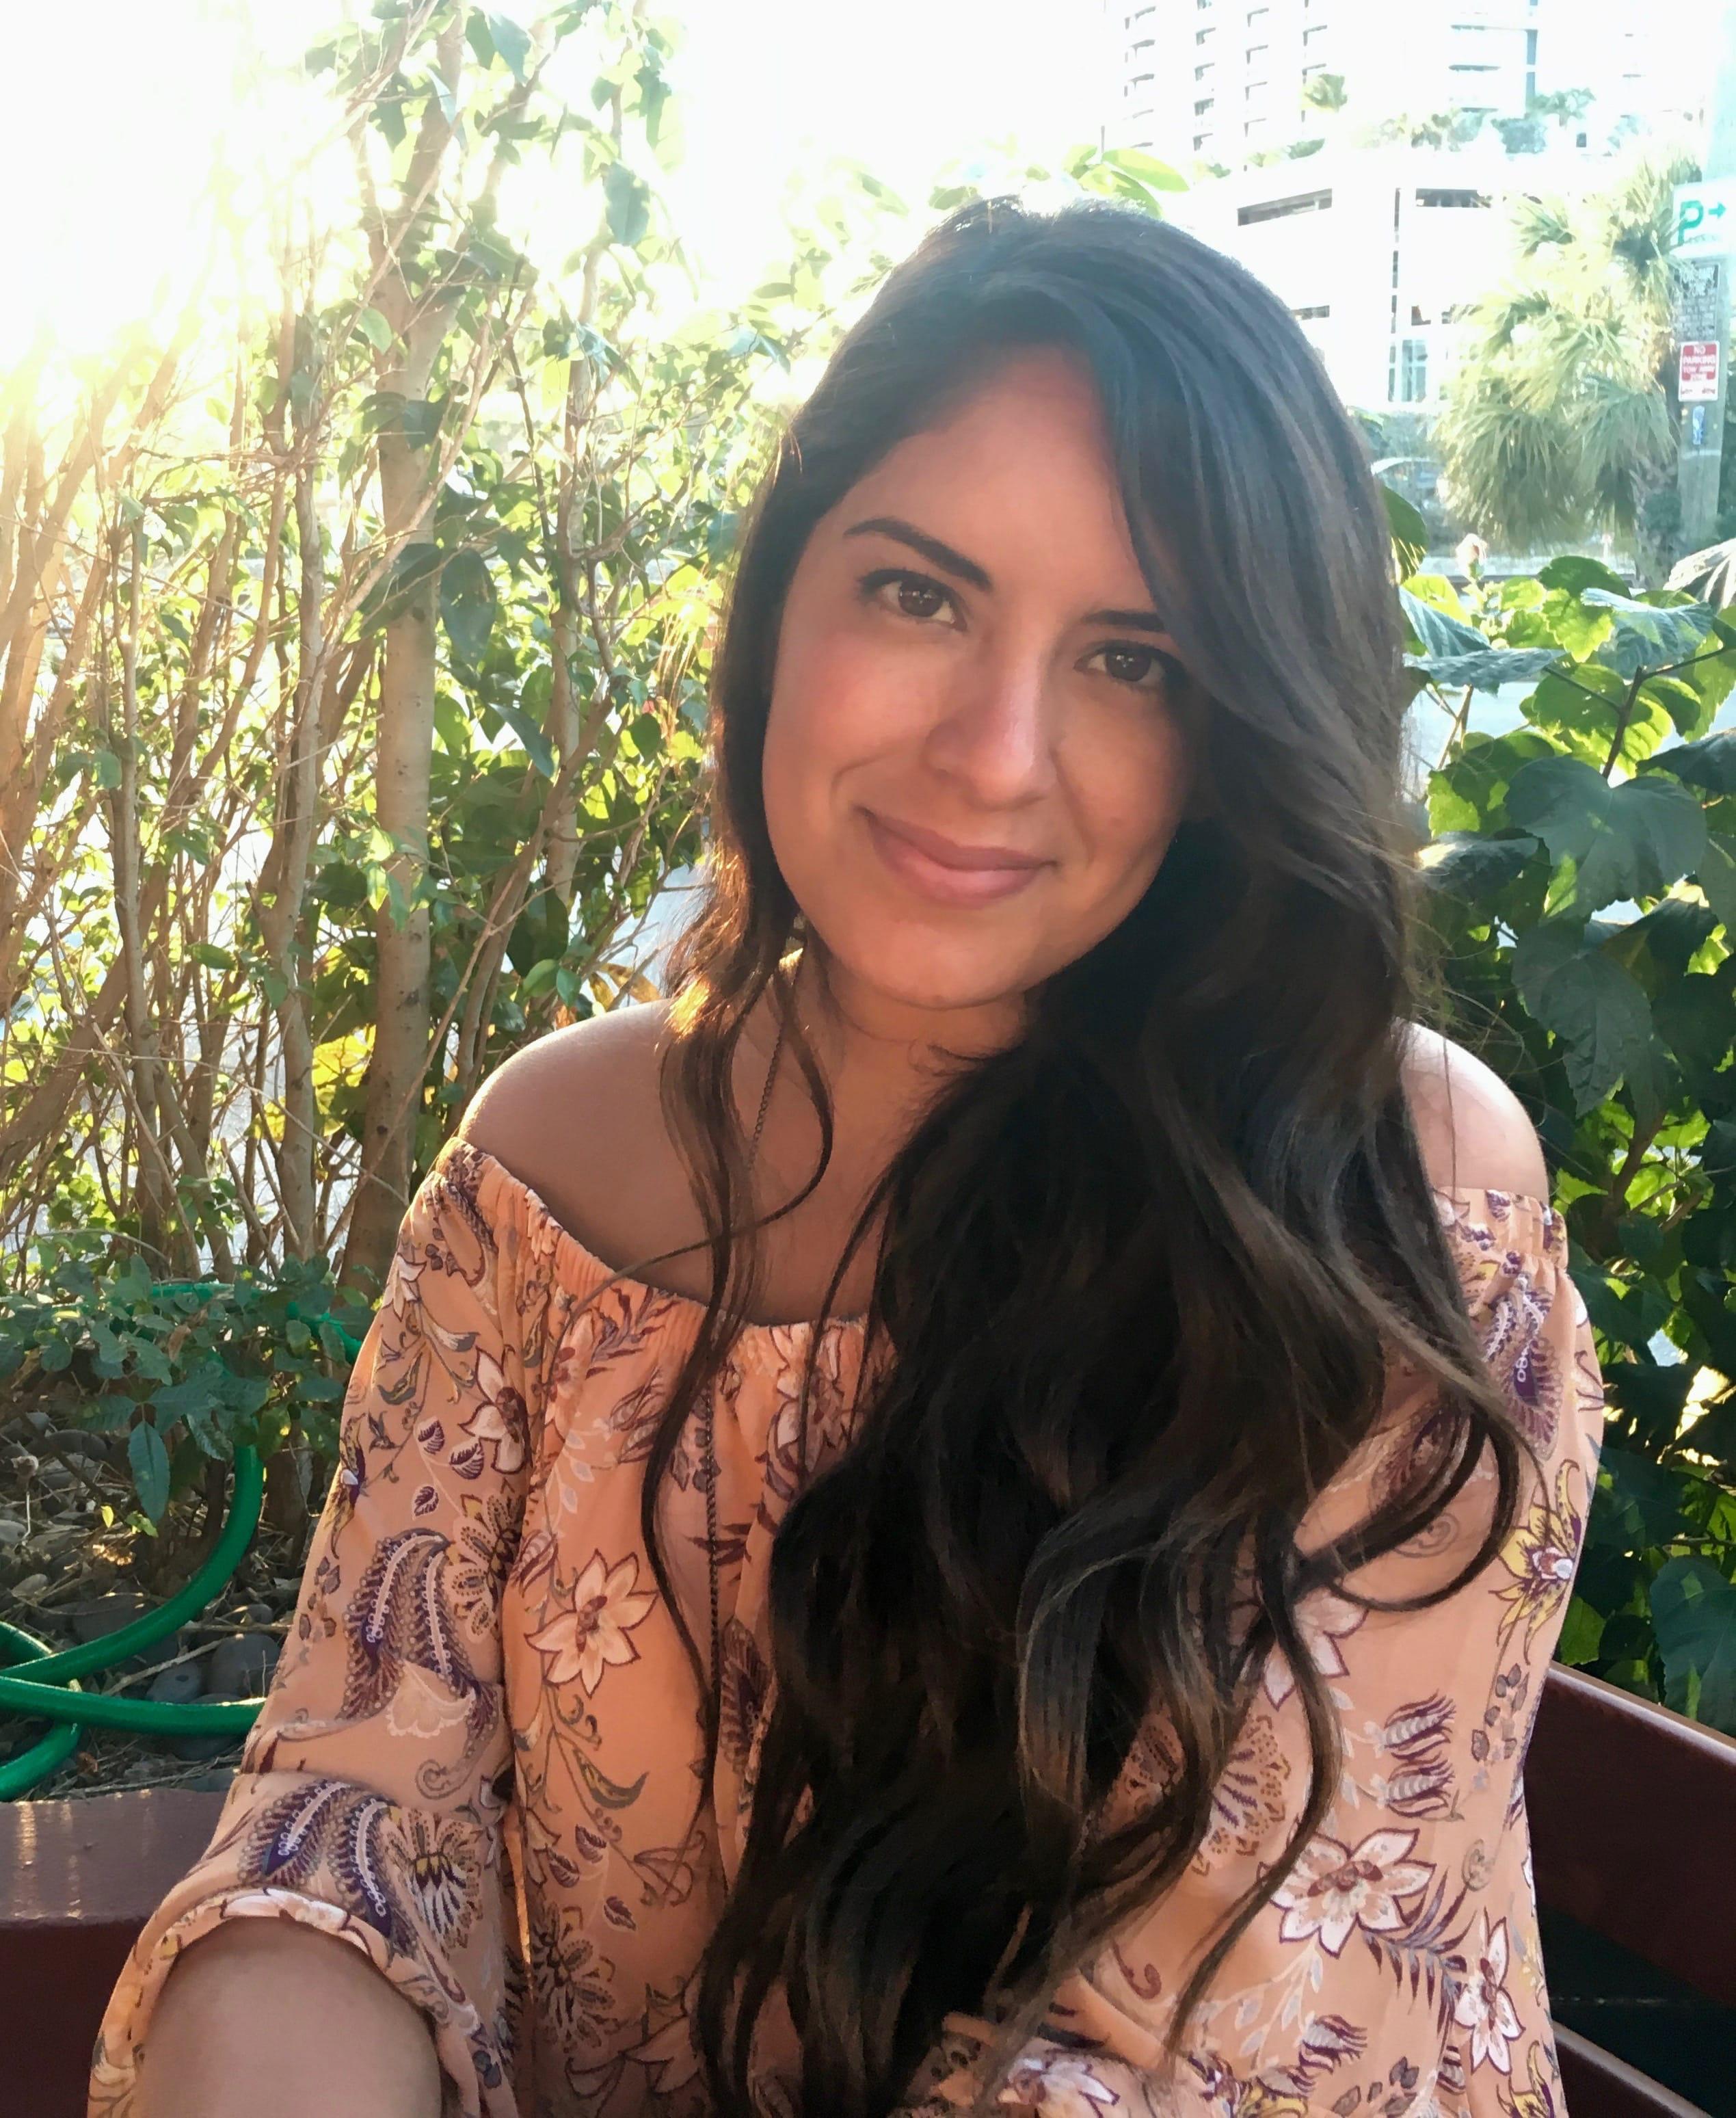 Stephanie_Rivera-min.jpg